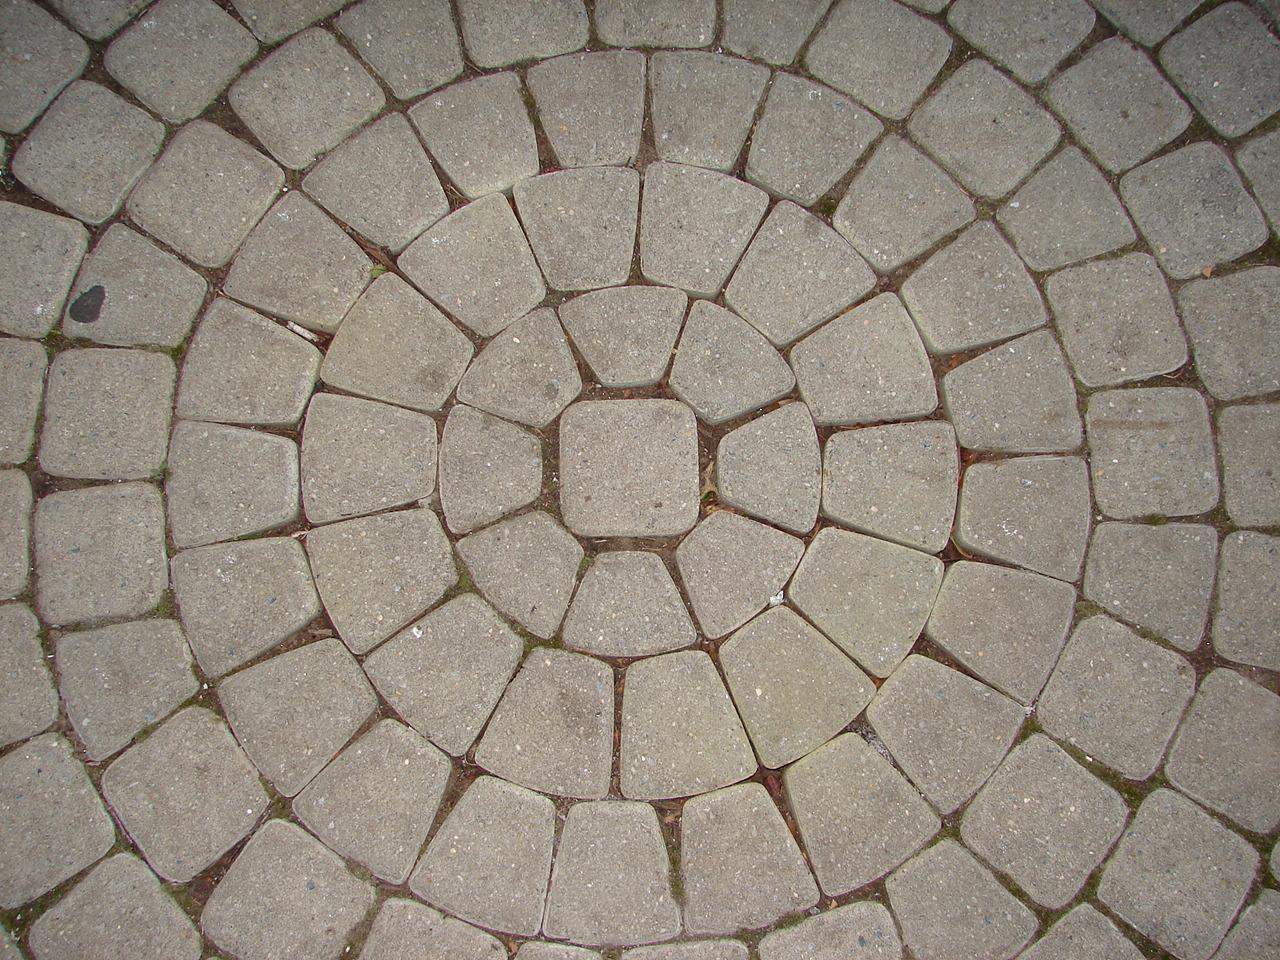 Annapolis Cobblestone Texture by FantasyStock